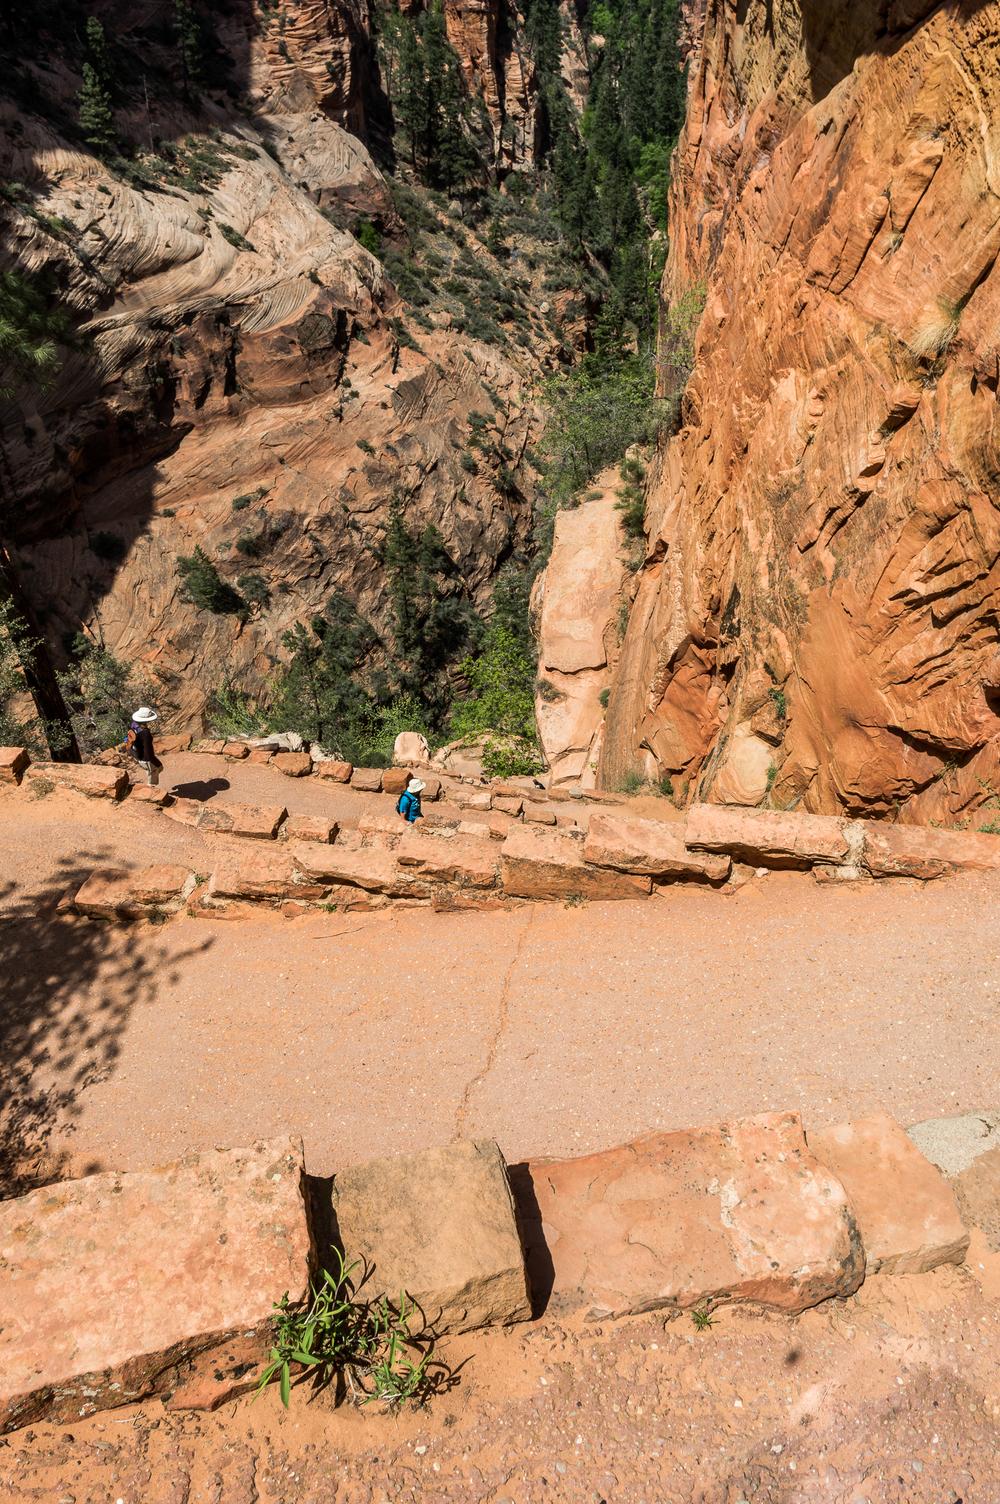 Walter´s Wiggles ist eines der steilsten Stücke des Weges. In 21 Kehren überwindet man auf engstem Raum etliche Höhenmeter.